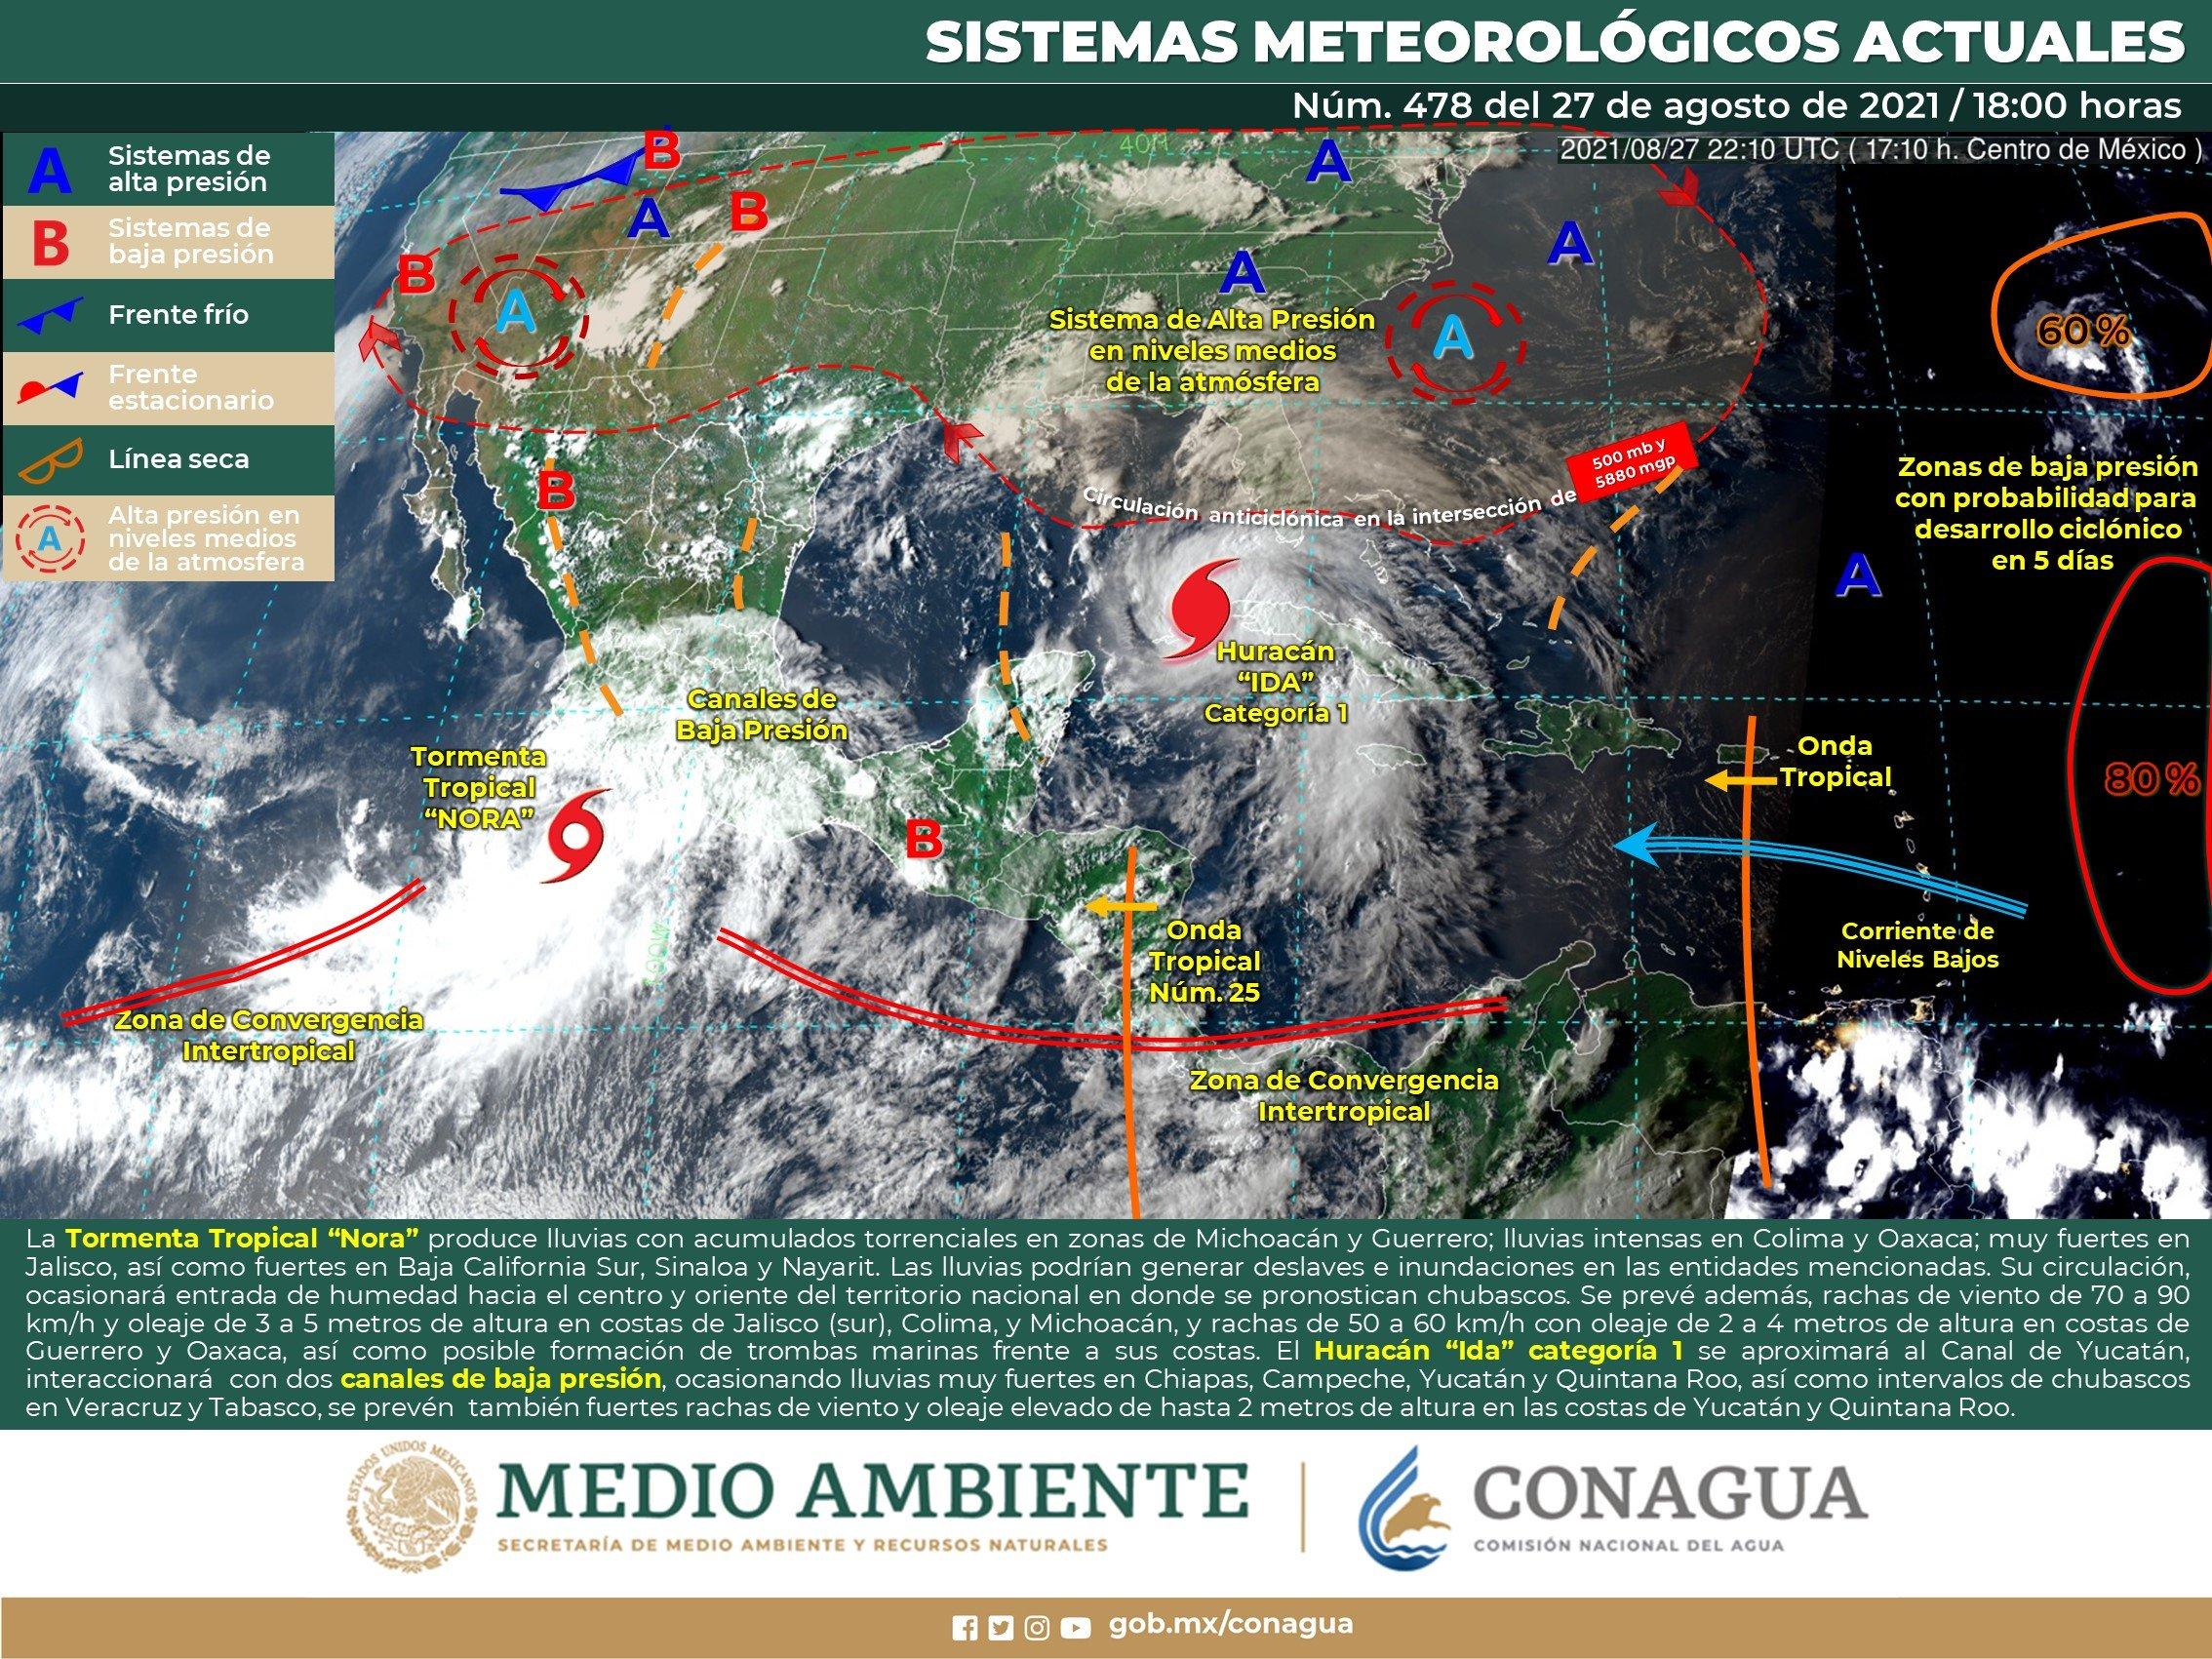 TORMENTA TROPICAL NORA OCASIONARÁ LLUVIAS GUERRERO Y MICHOACÁN